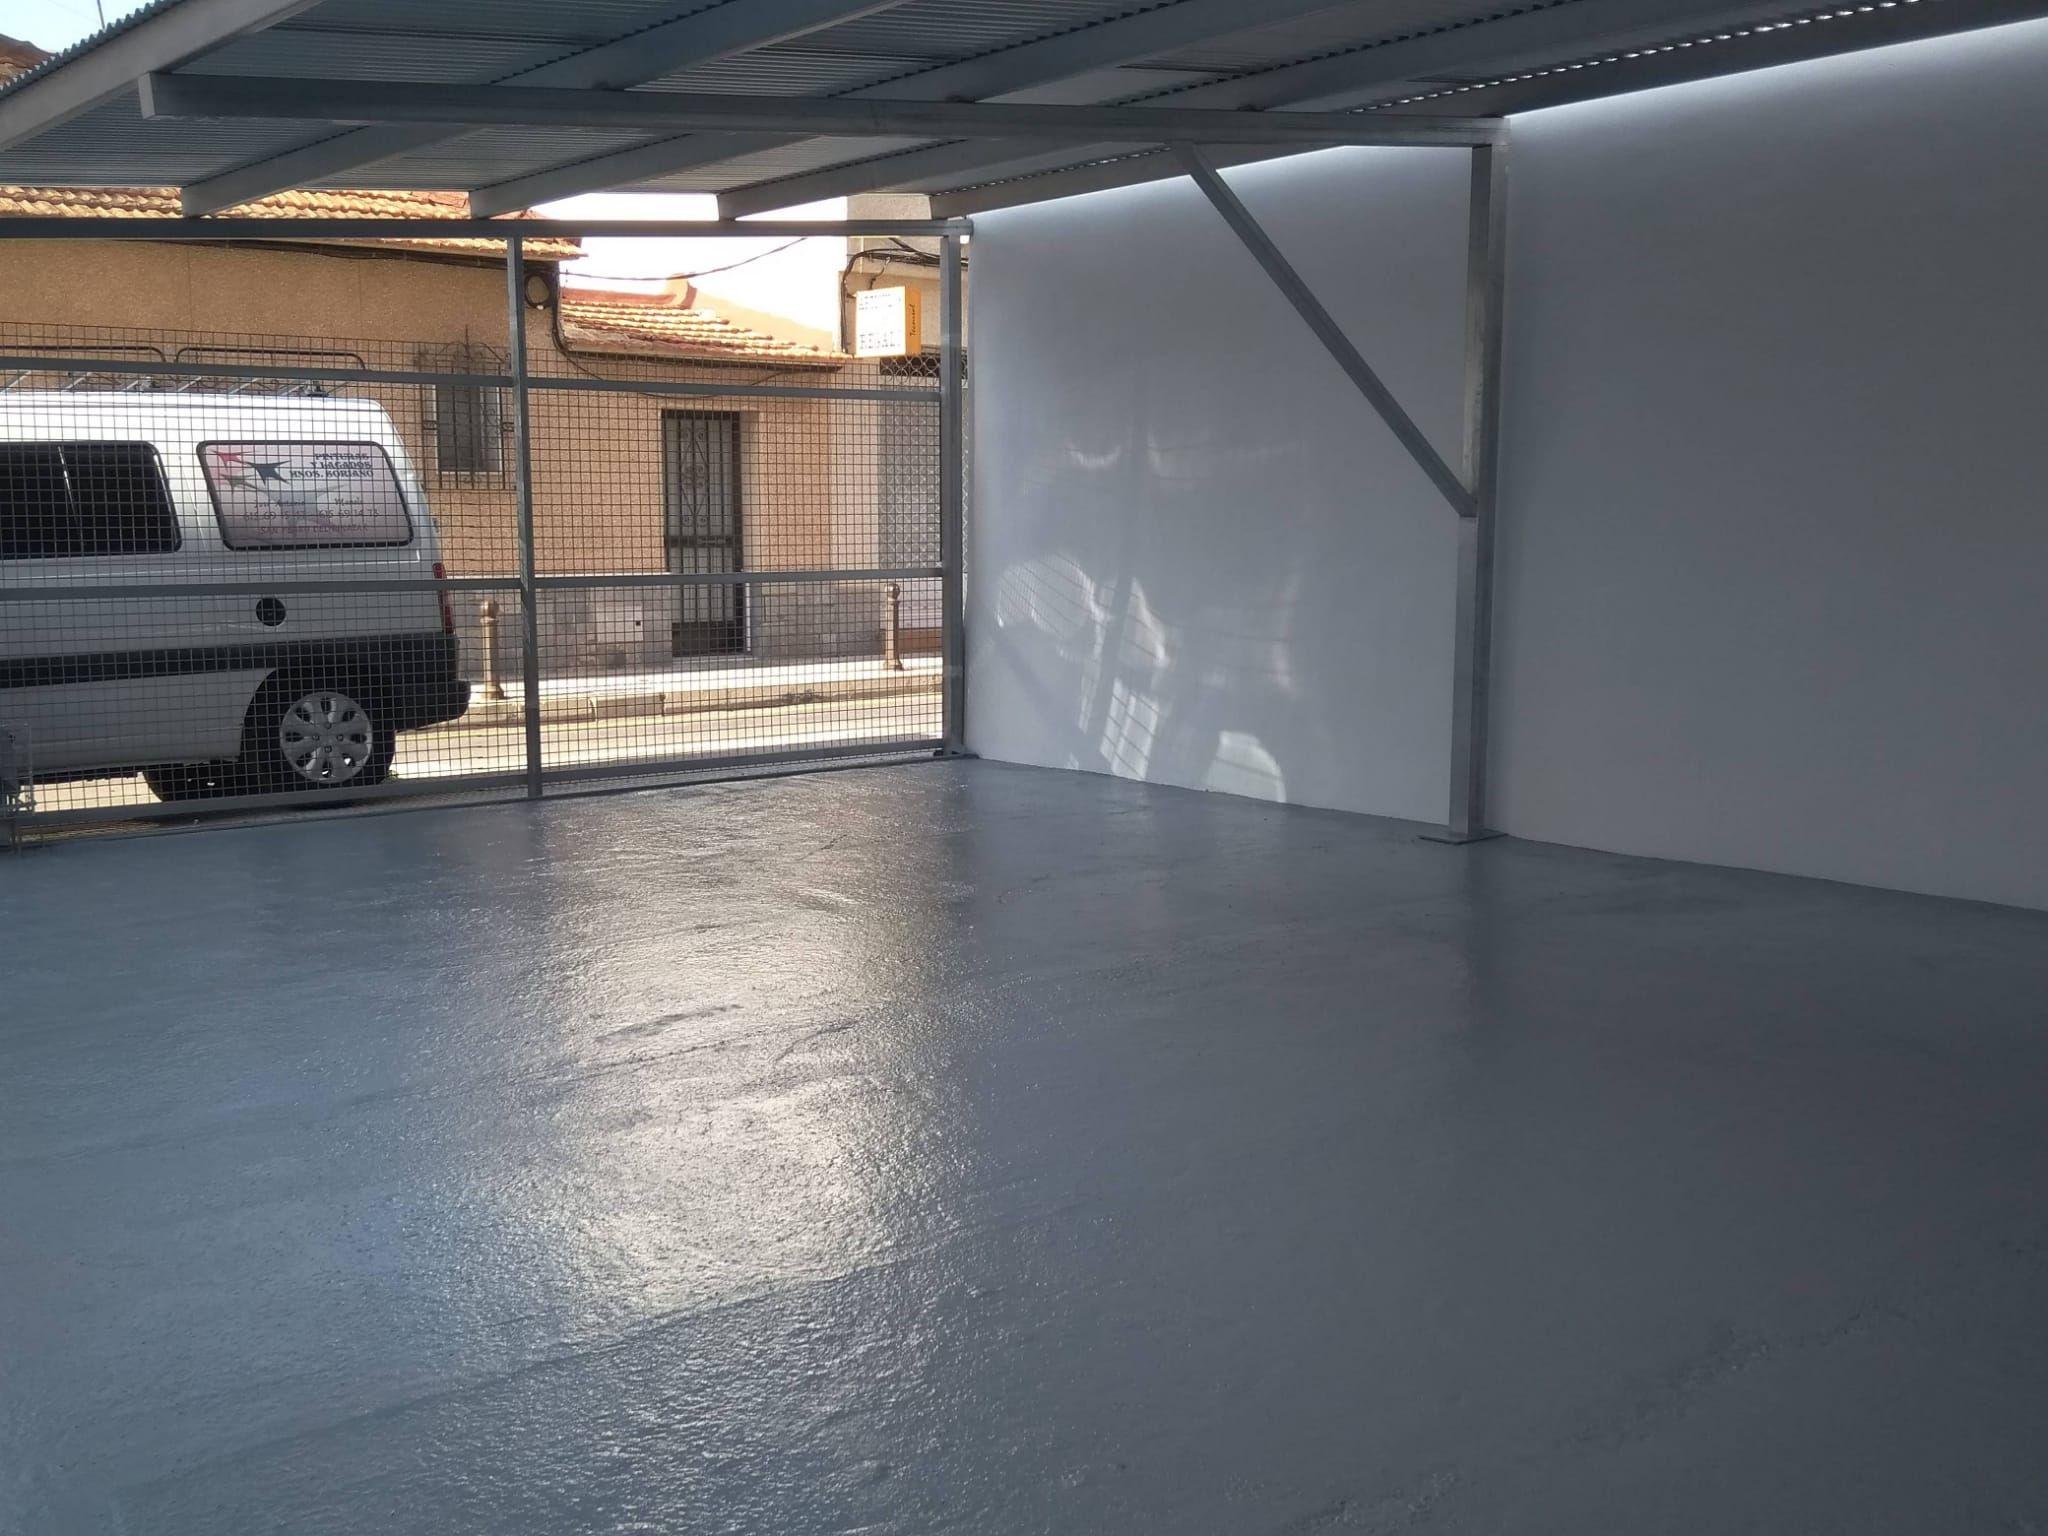 garaje despues de pintar